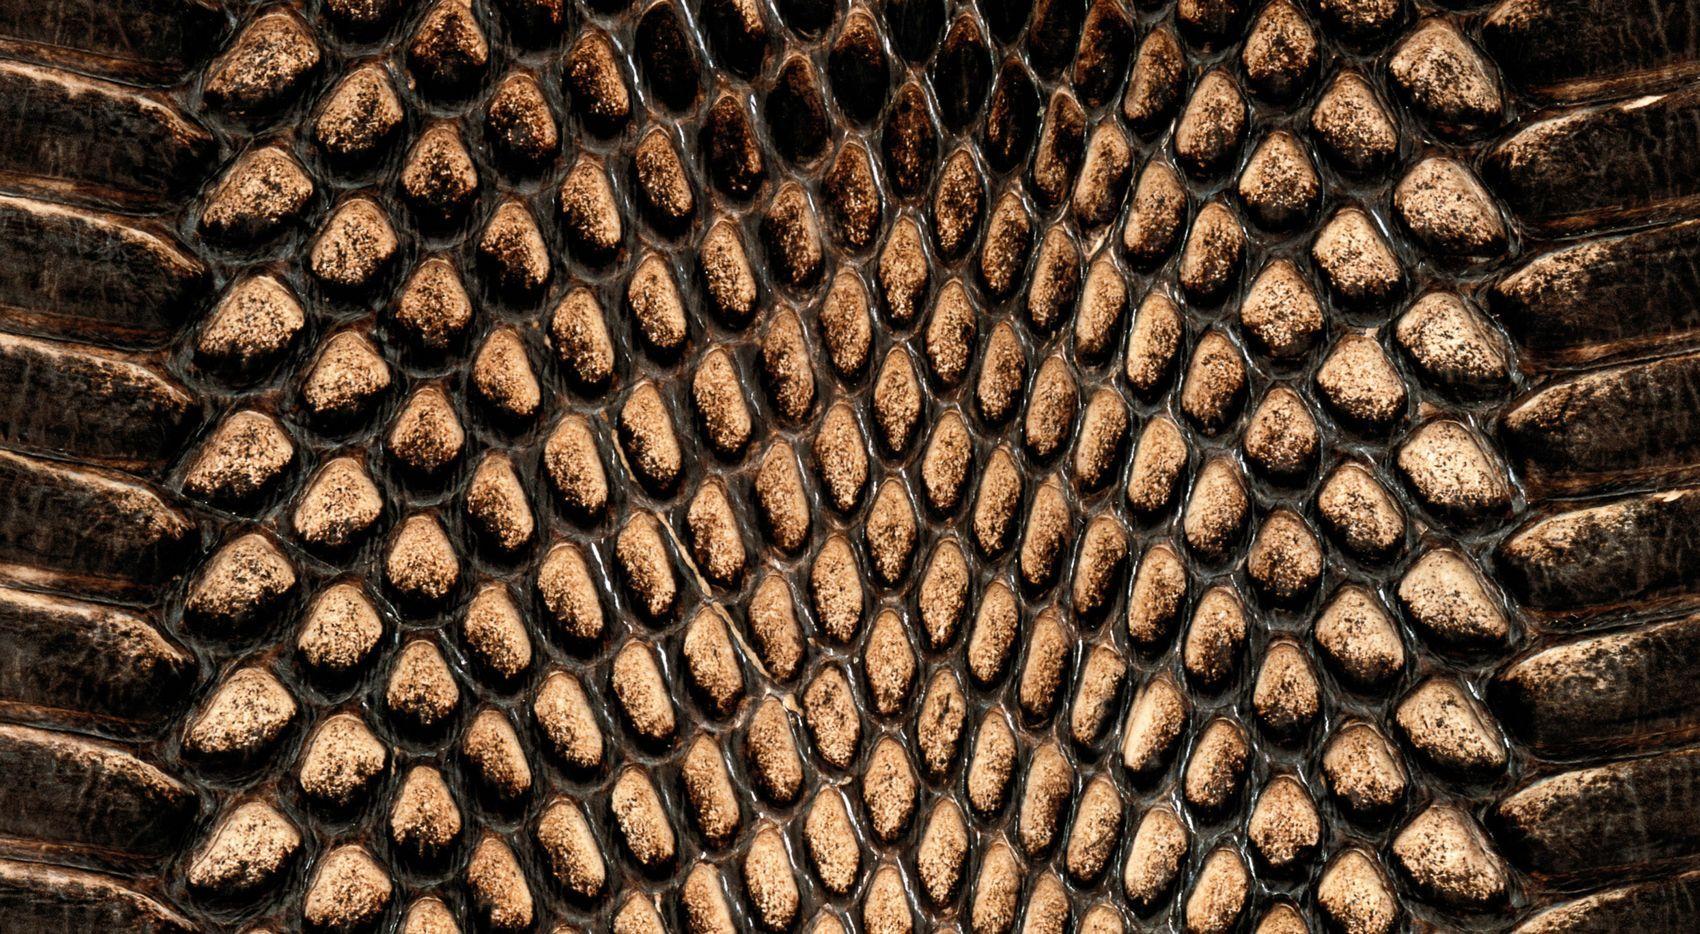 animal print wallpaper free download snakeskin